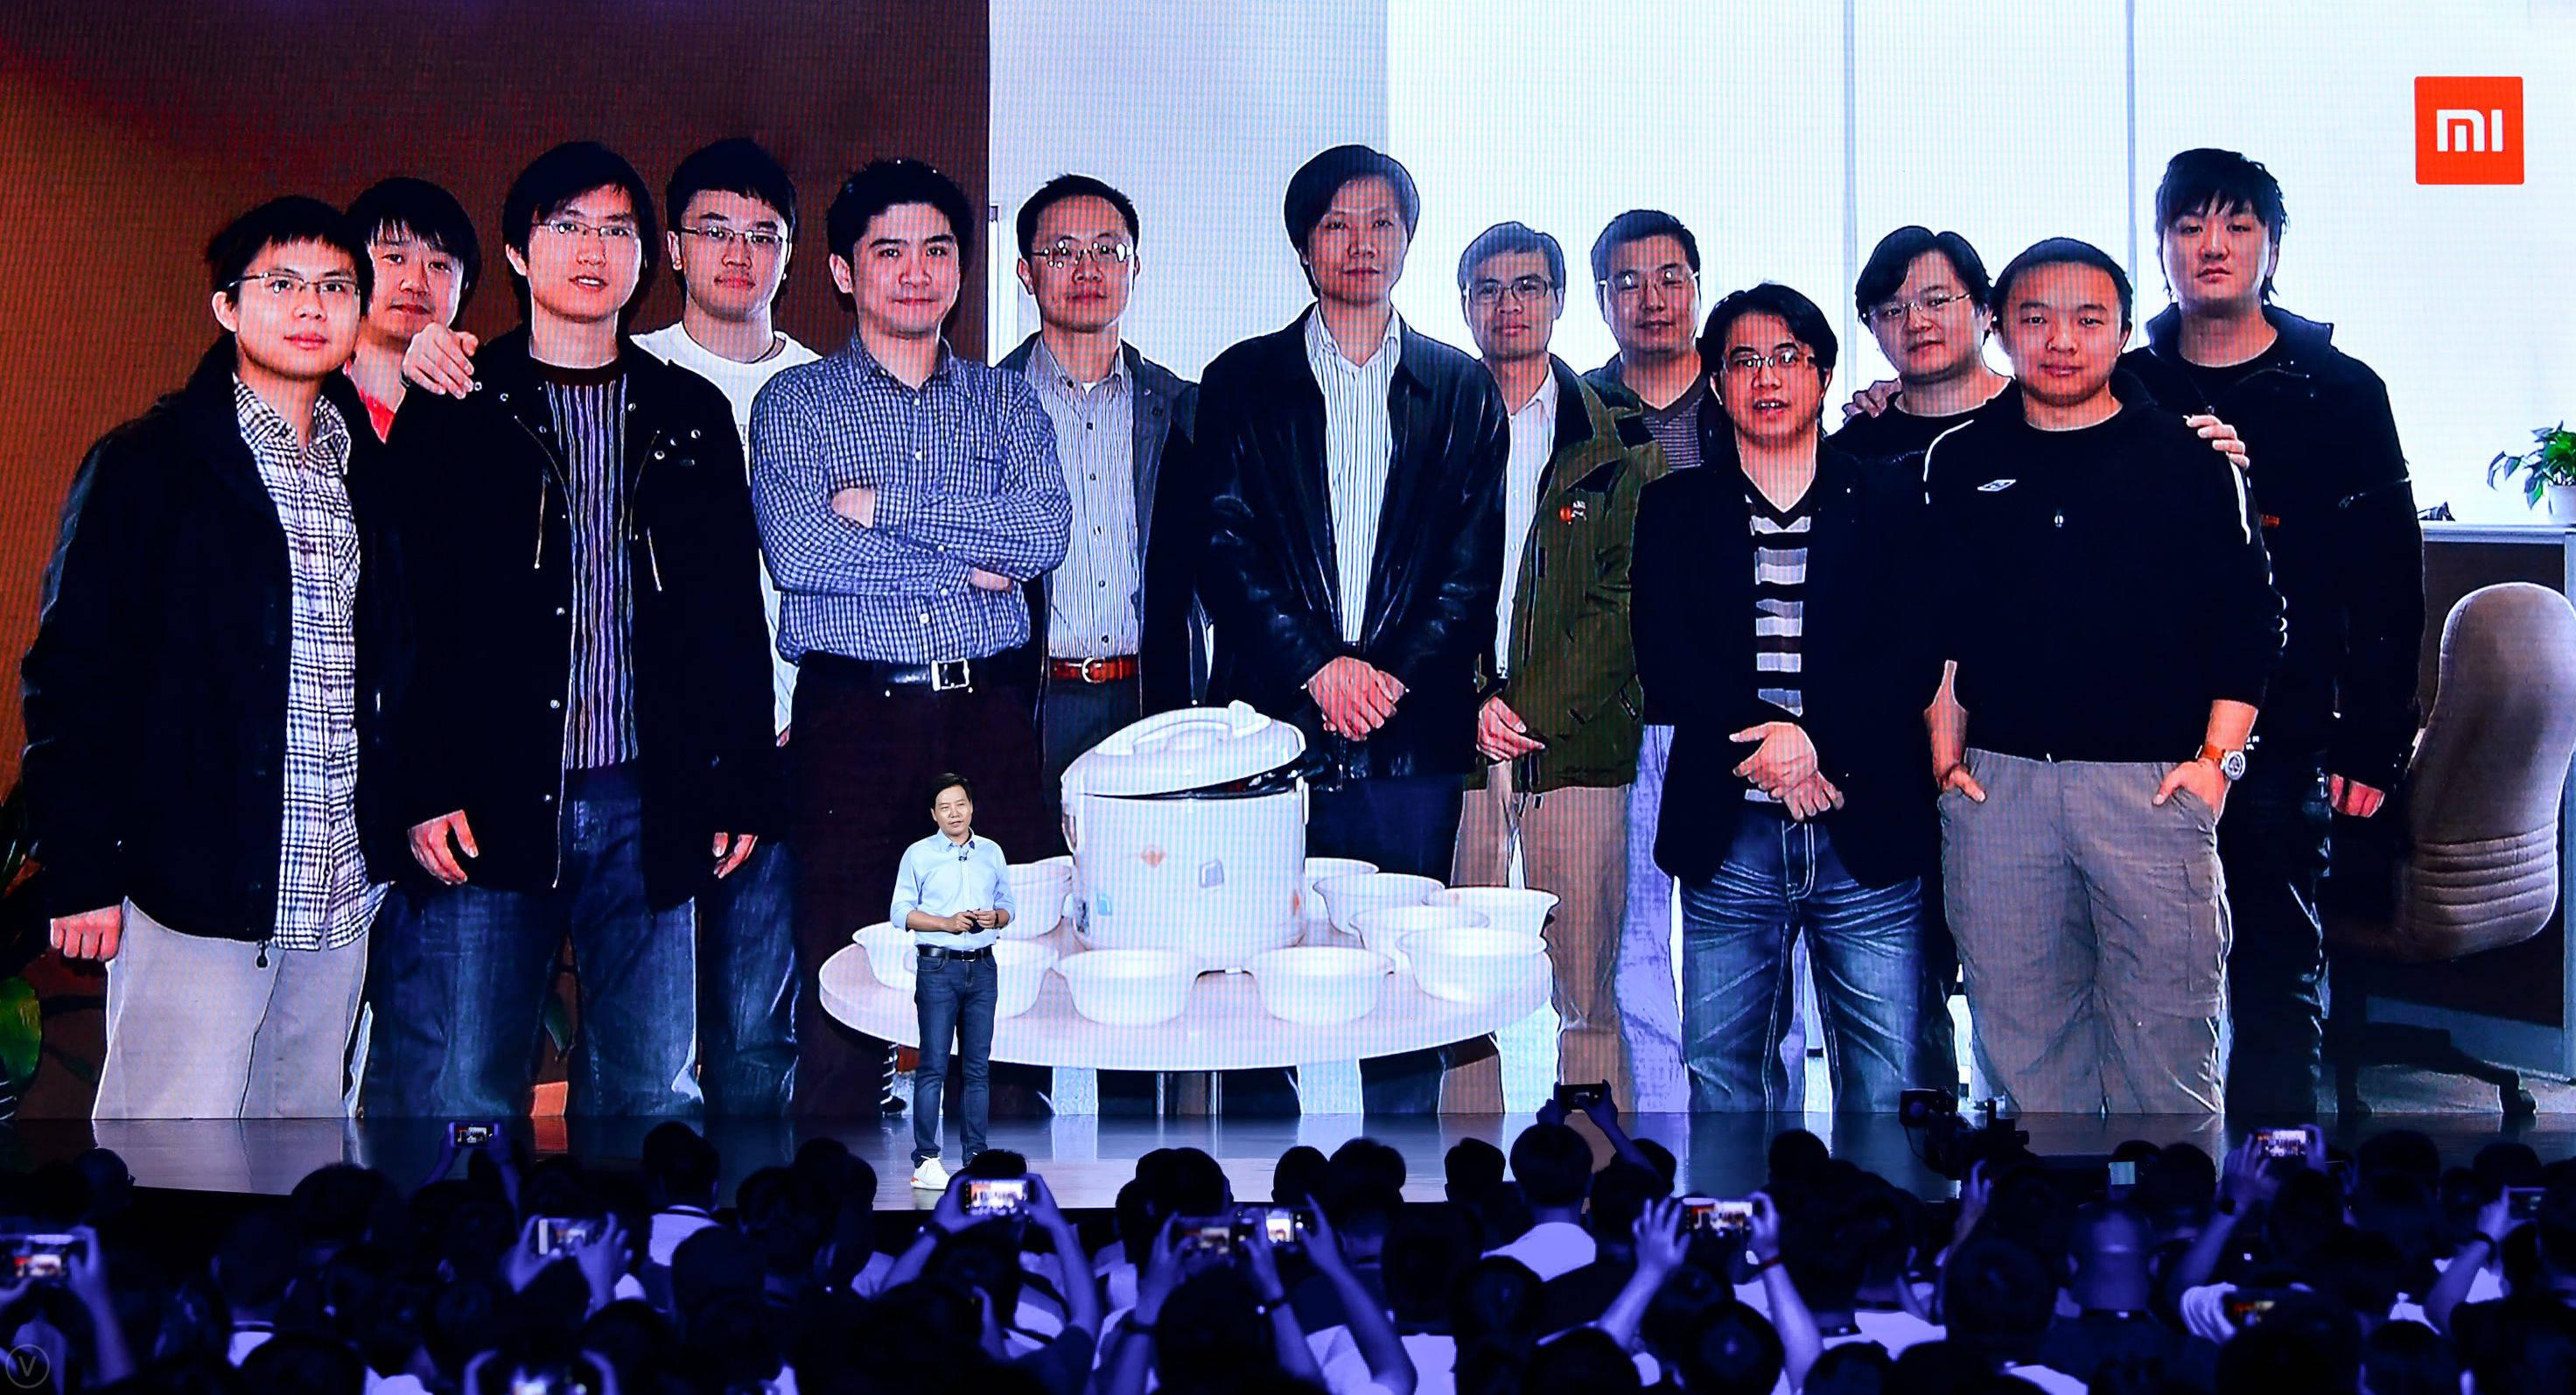 小米十周年 雷军发布未来十年宣言